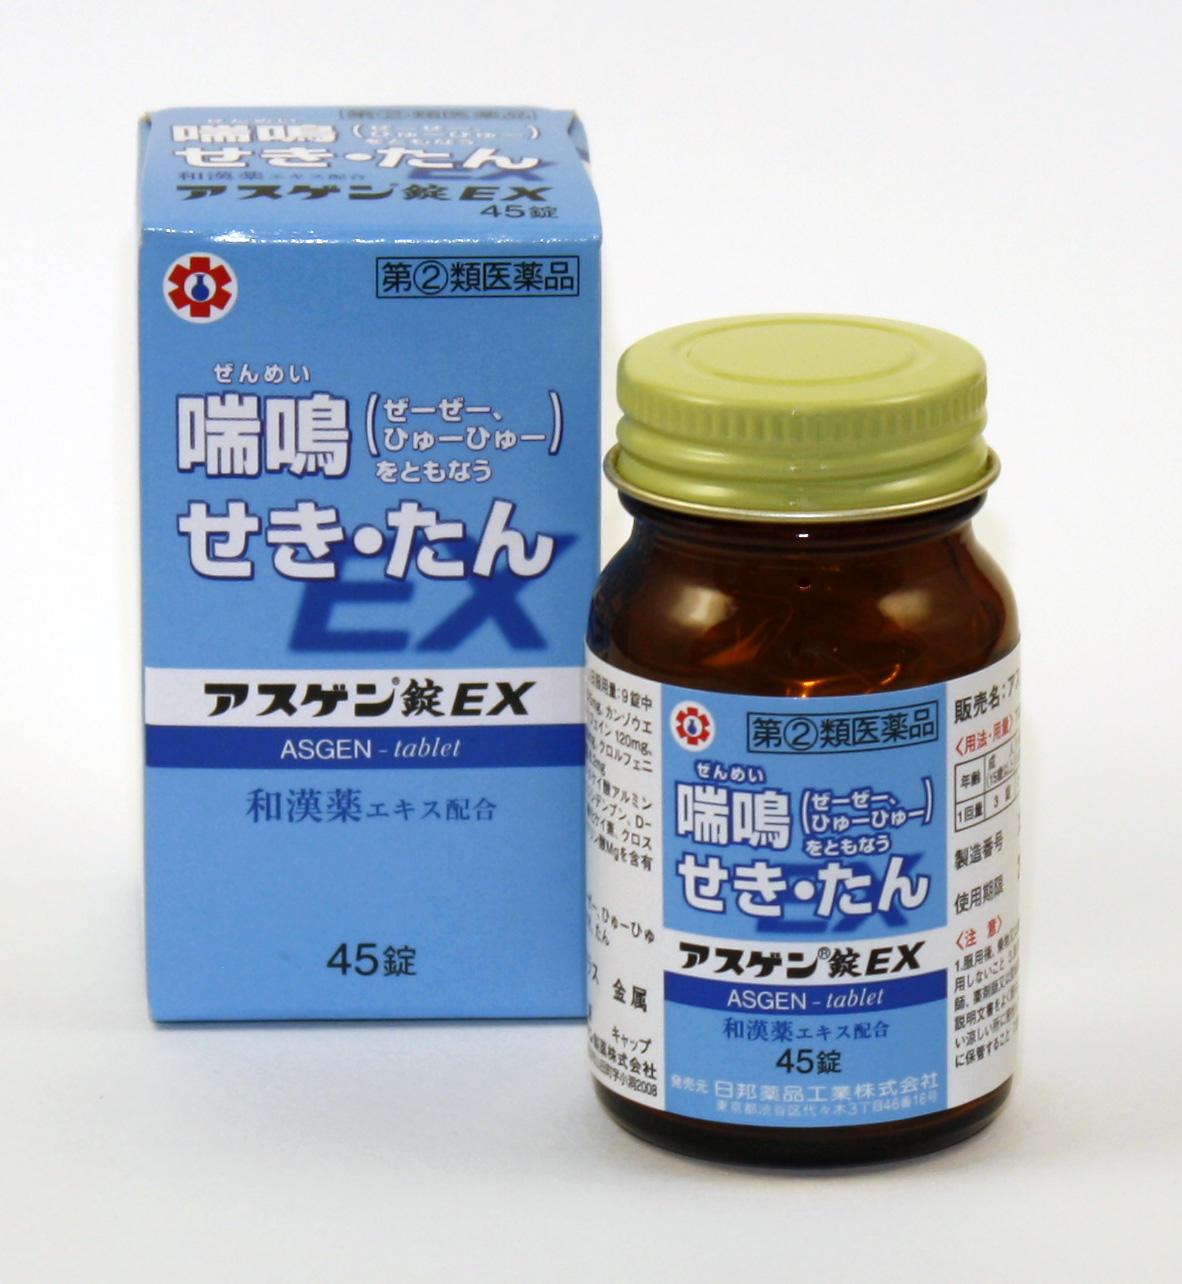 アスゲン錠EX